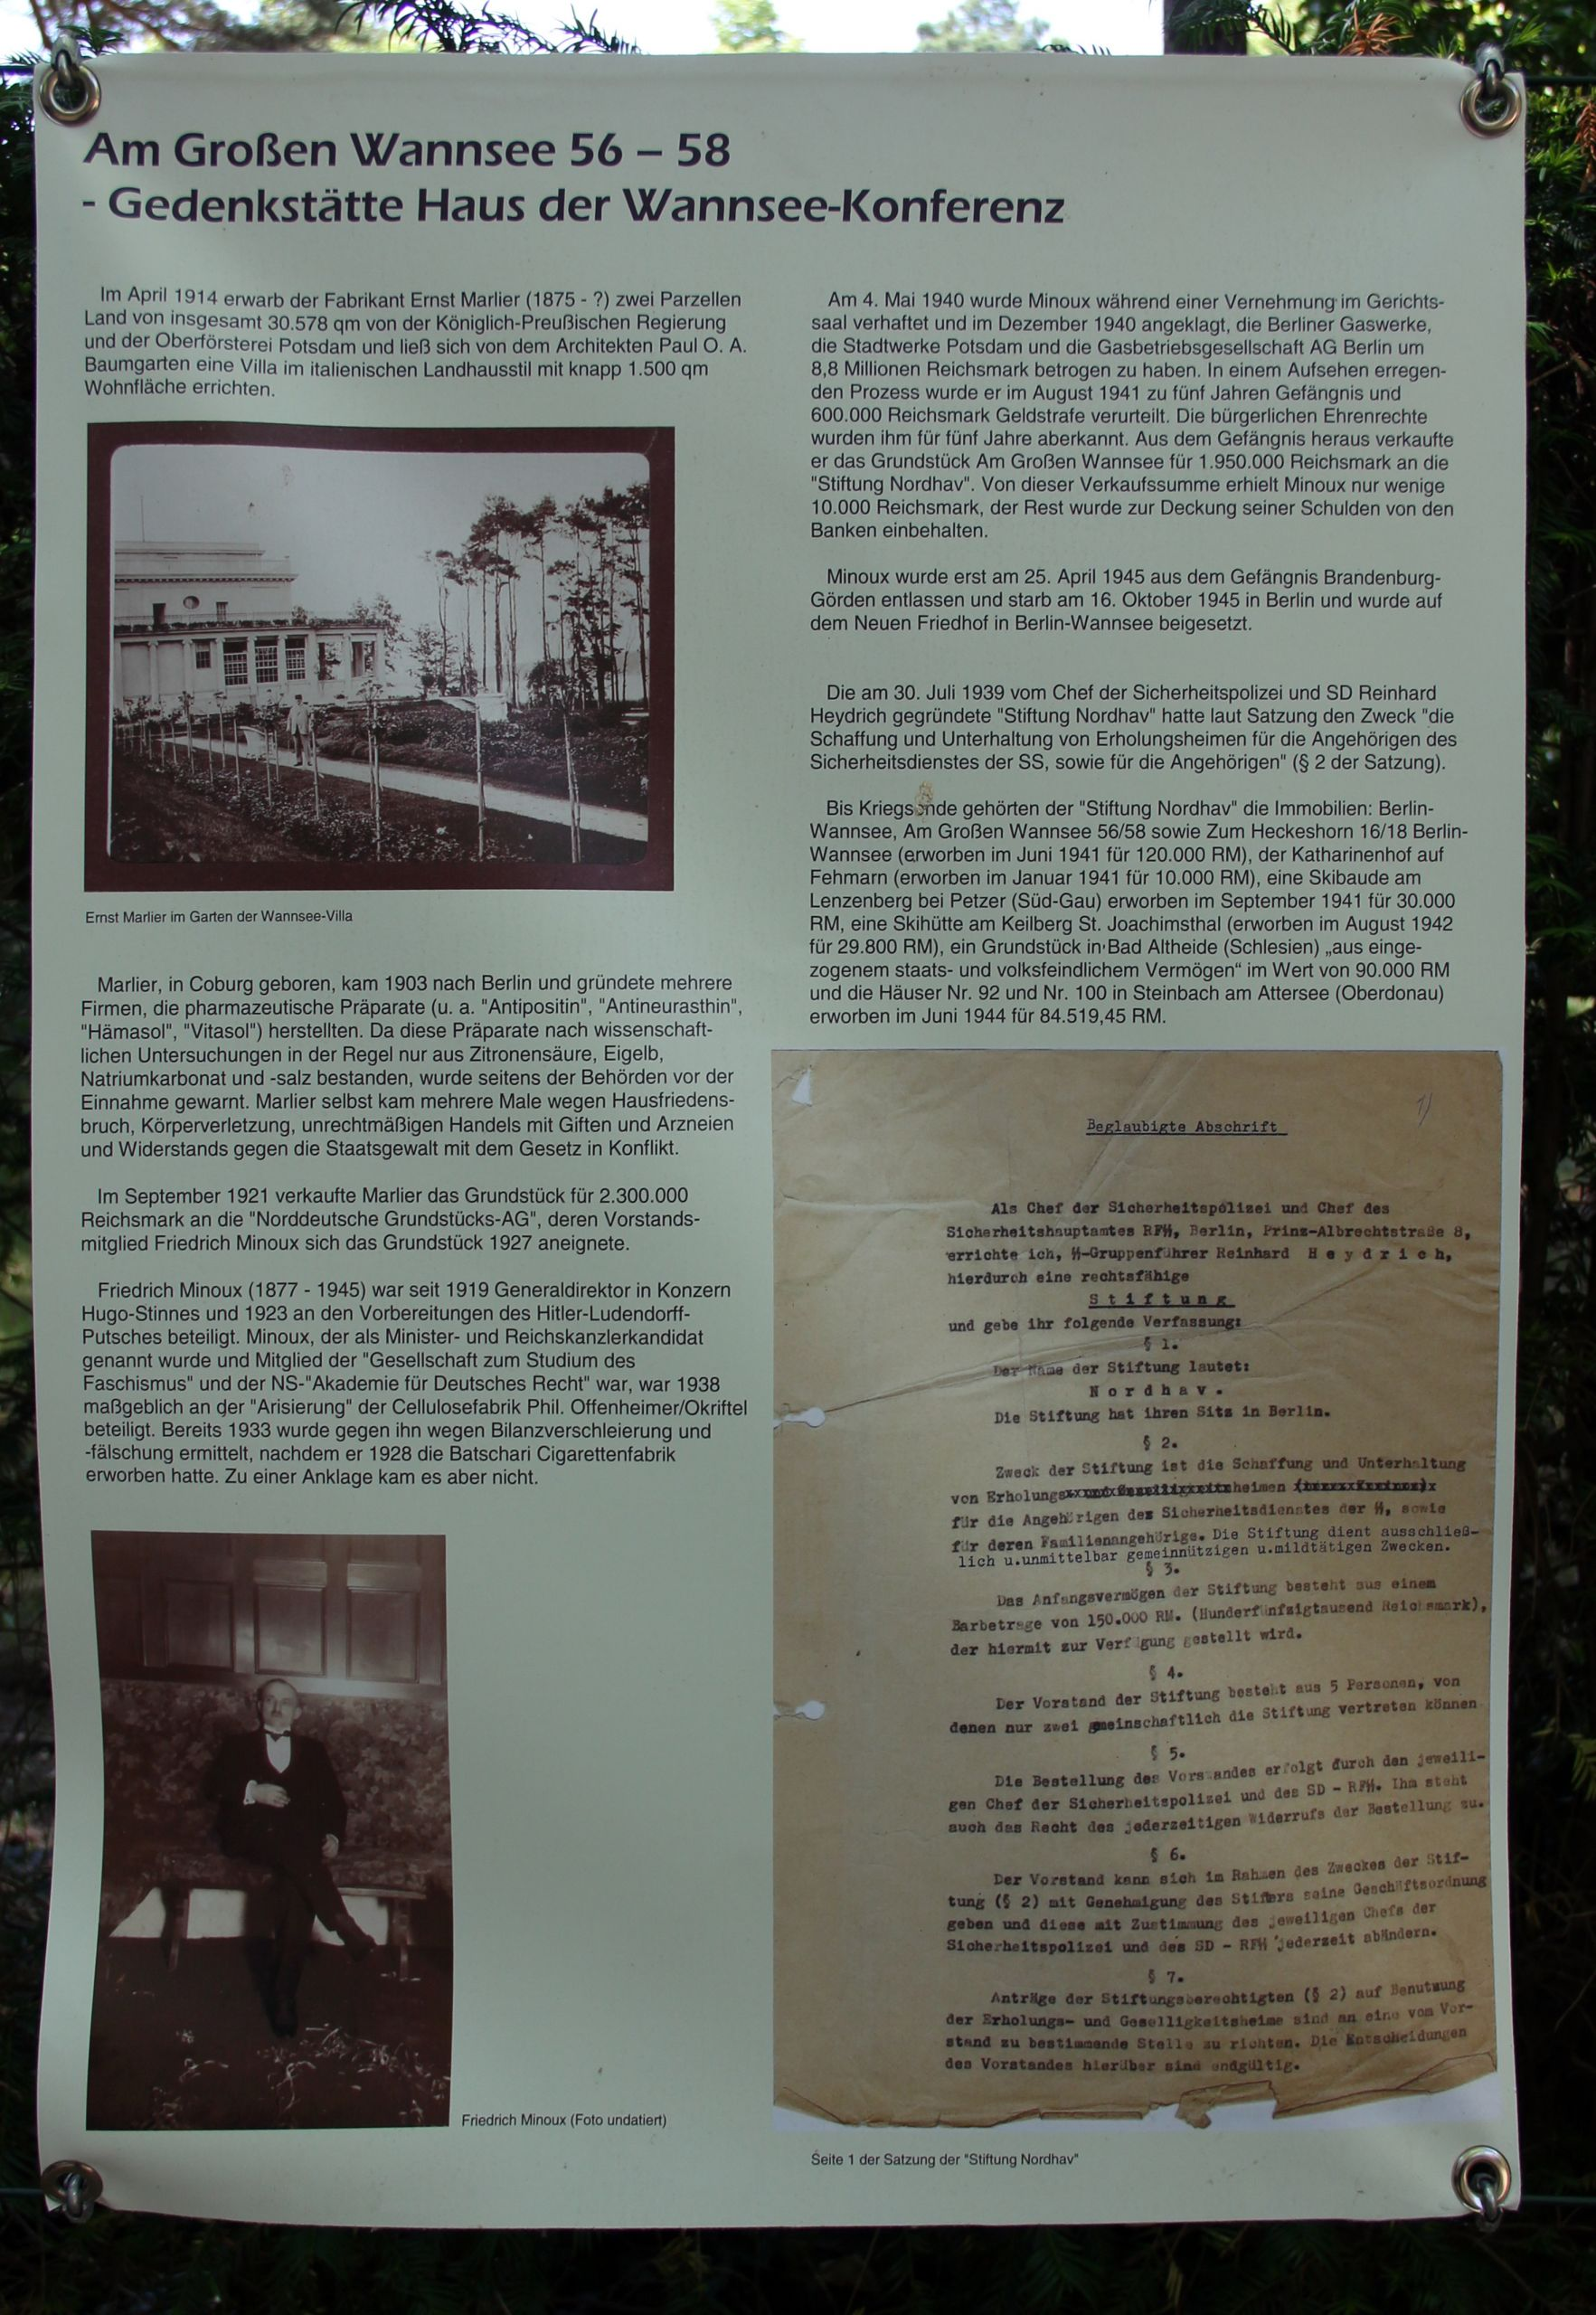 Gedenktafel Am Großen Wannsee 58 Wanns Wannseekonferenz